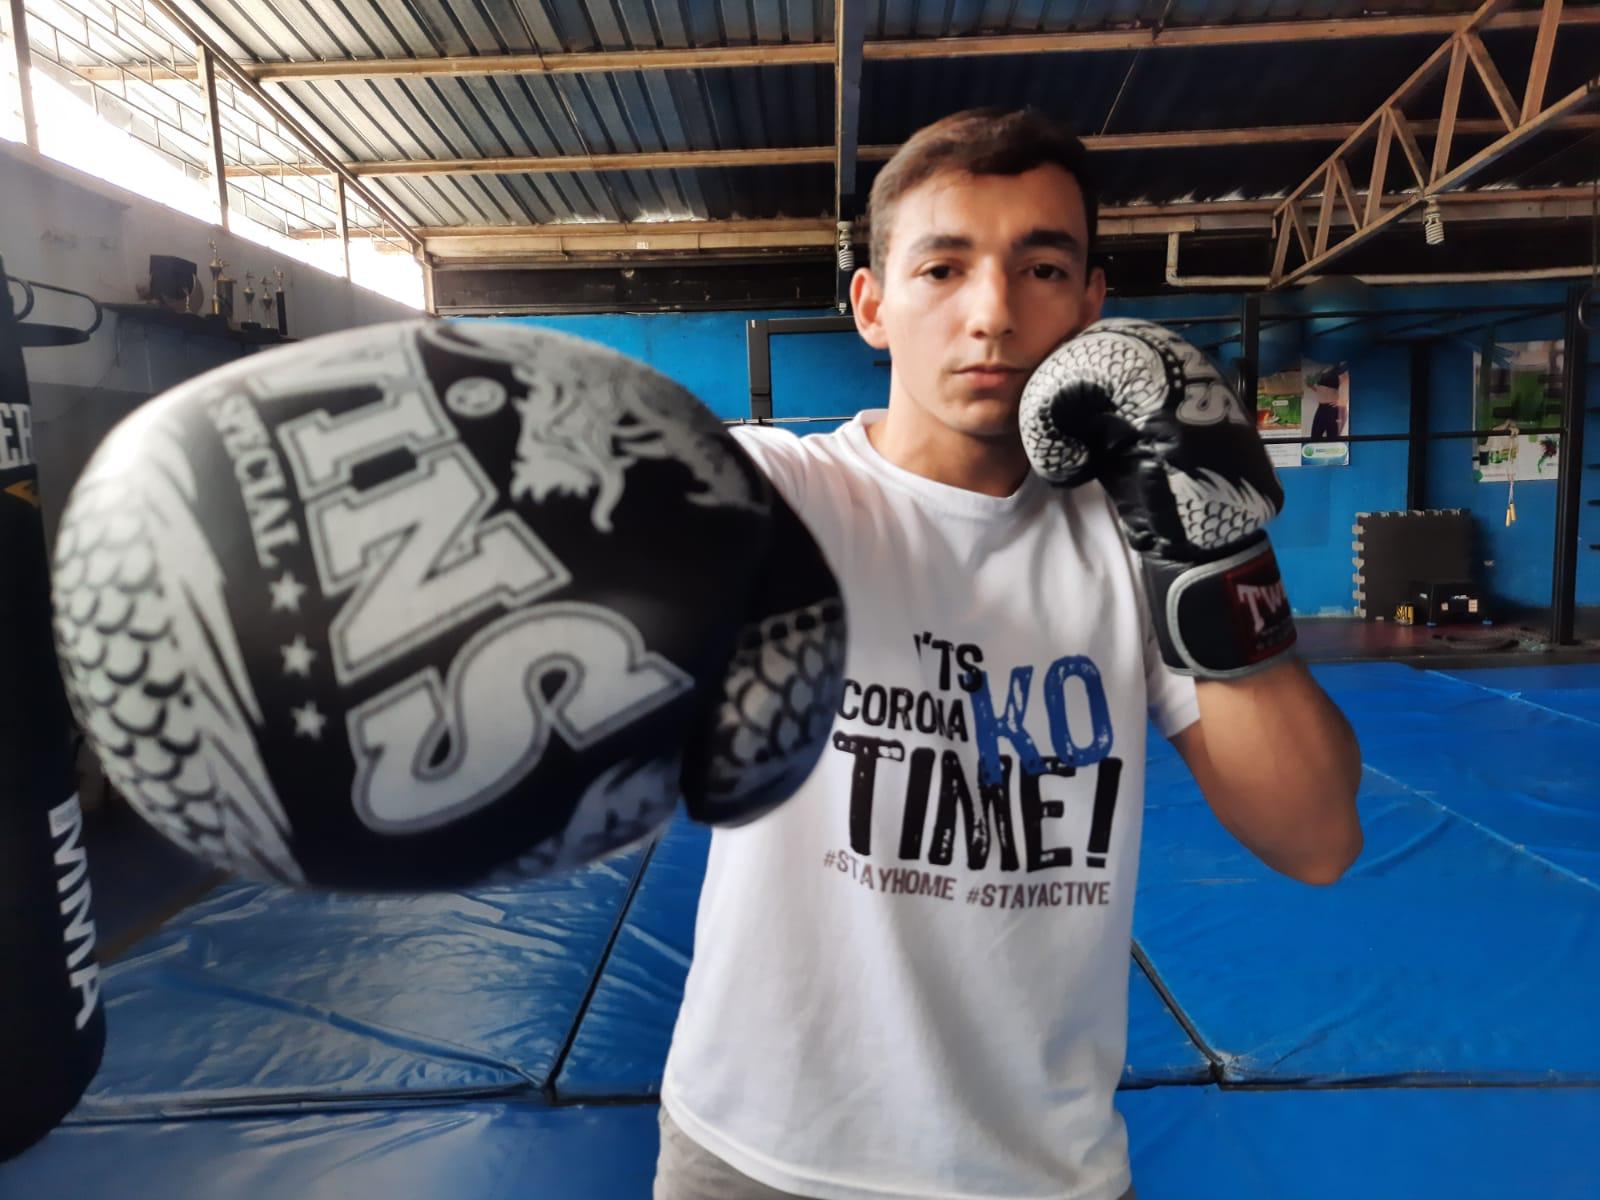 Un atleta mazateco busca apoyo económico para pagar los costos del viaje a Italia para participar en el mundial de Kickboxing.